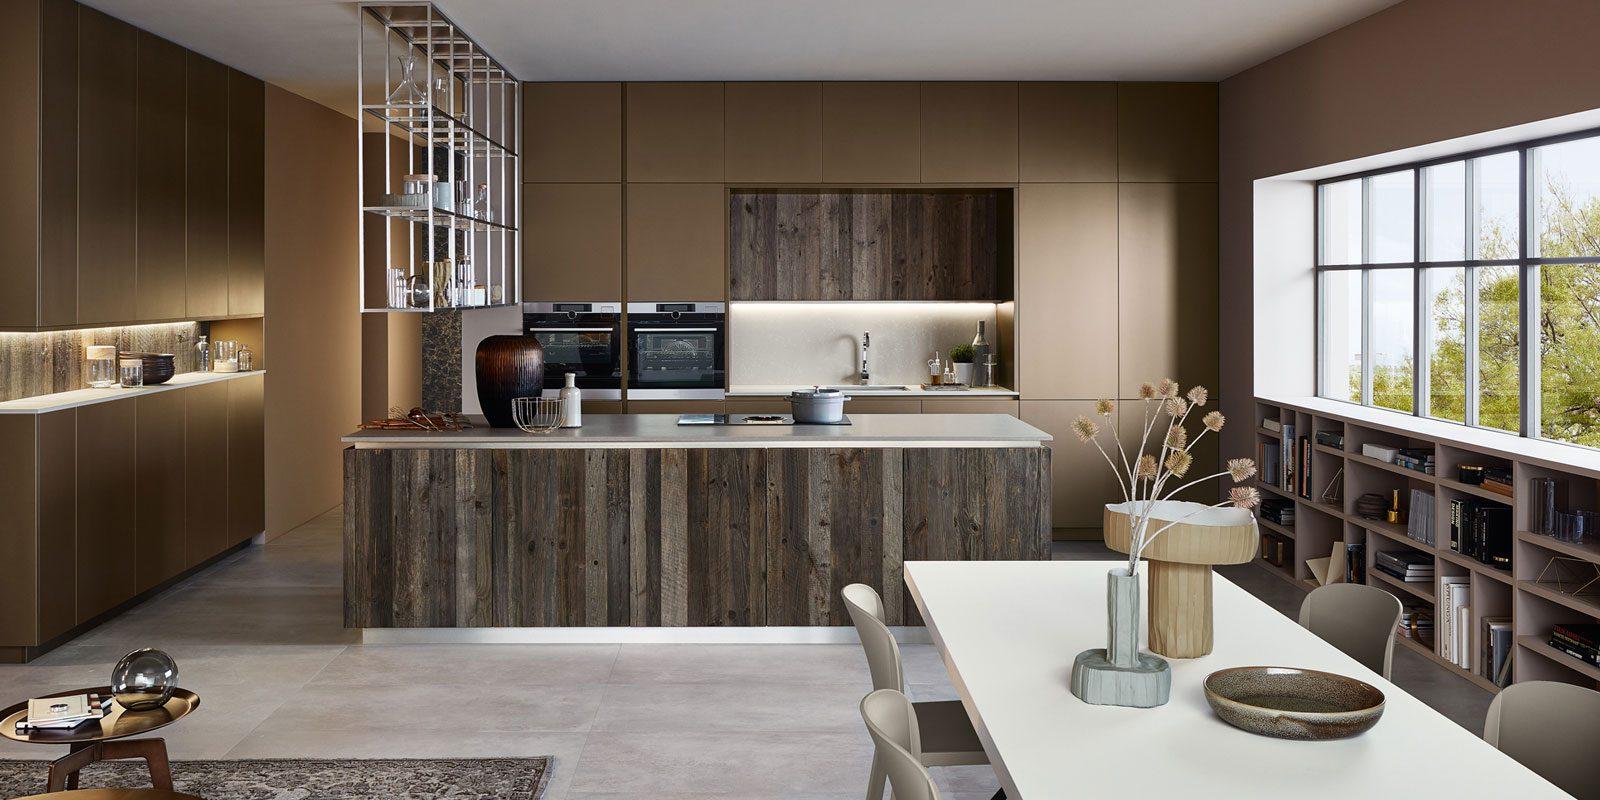 Come arredare una cucina open space: 4 utili consigli ...